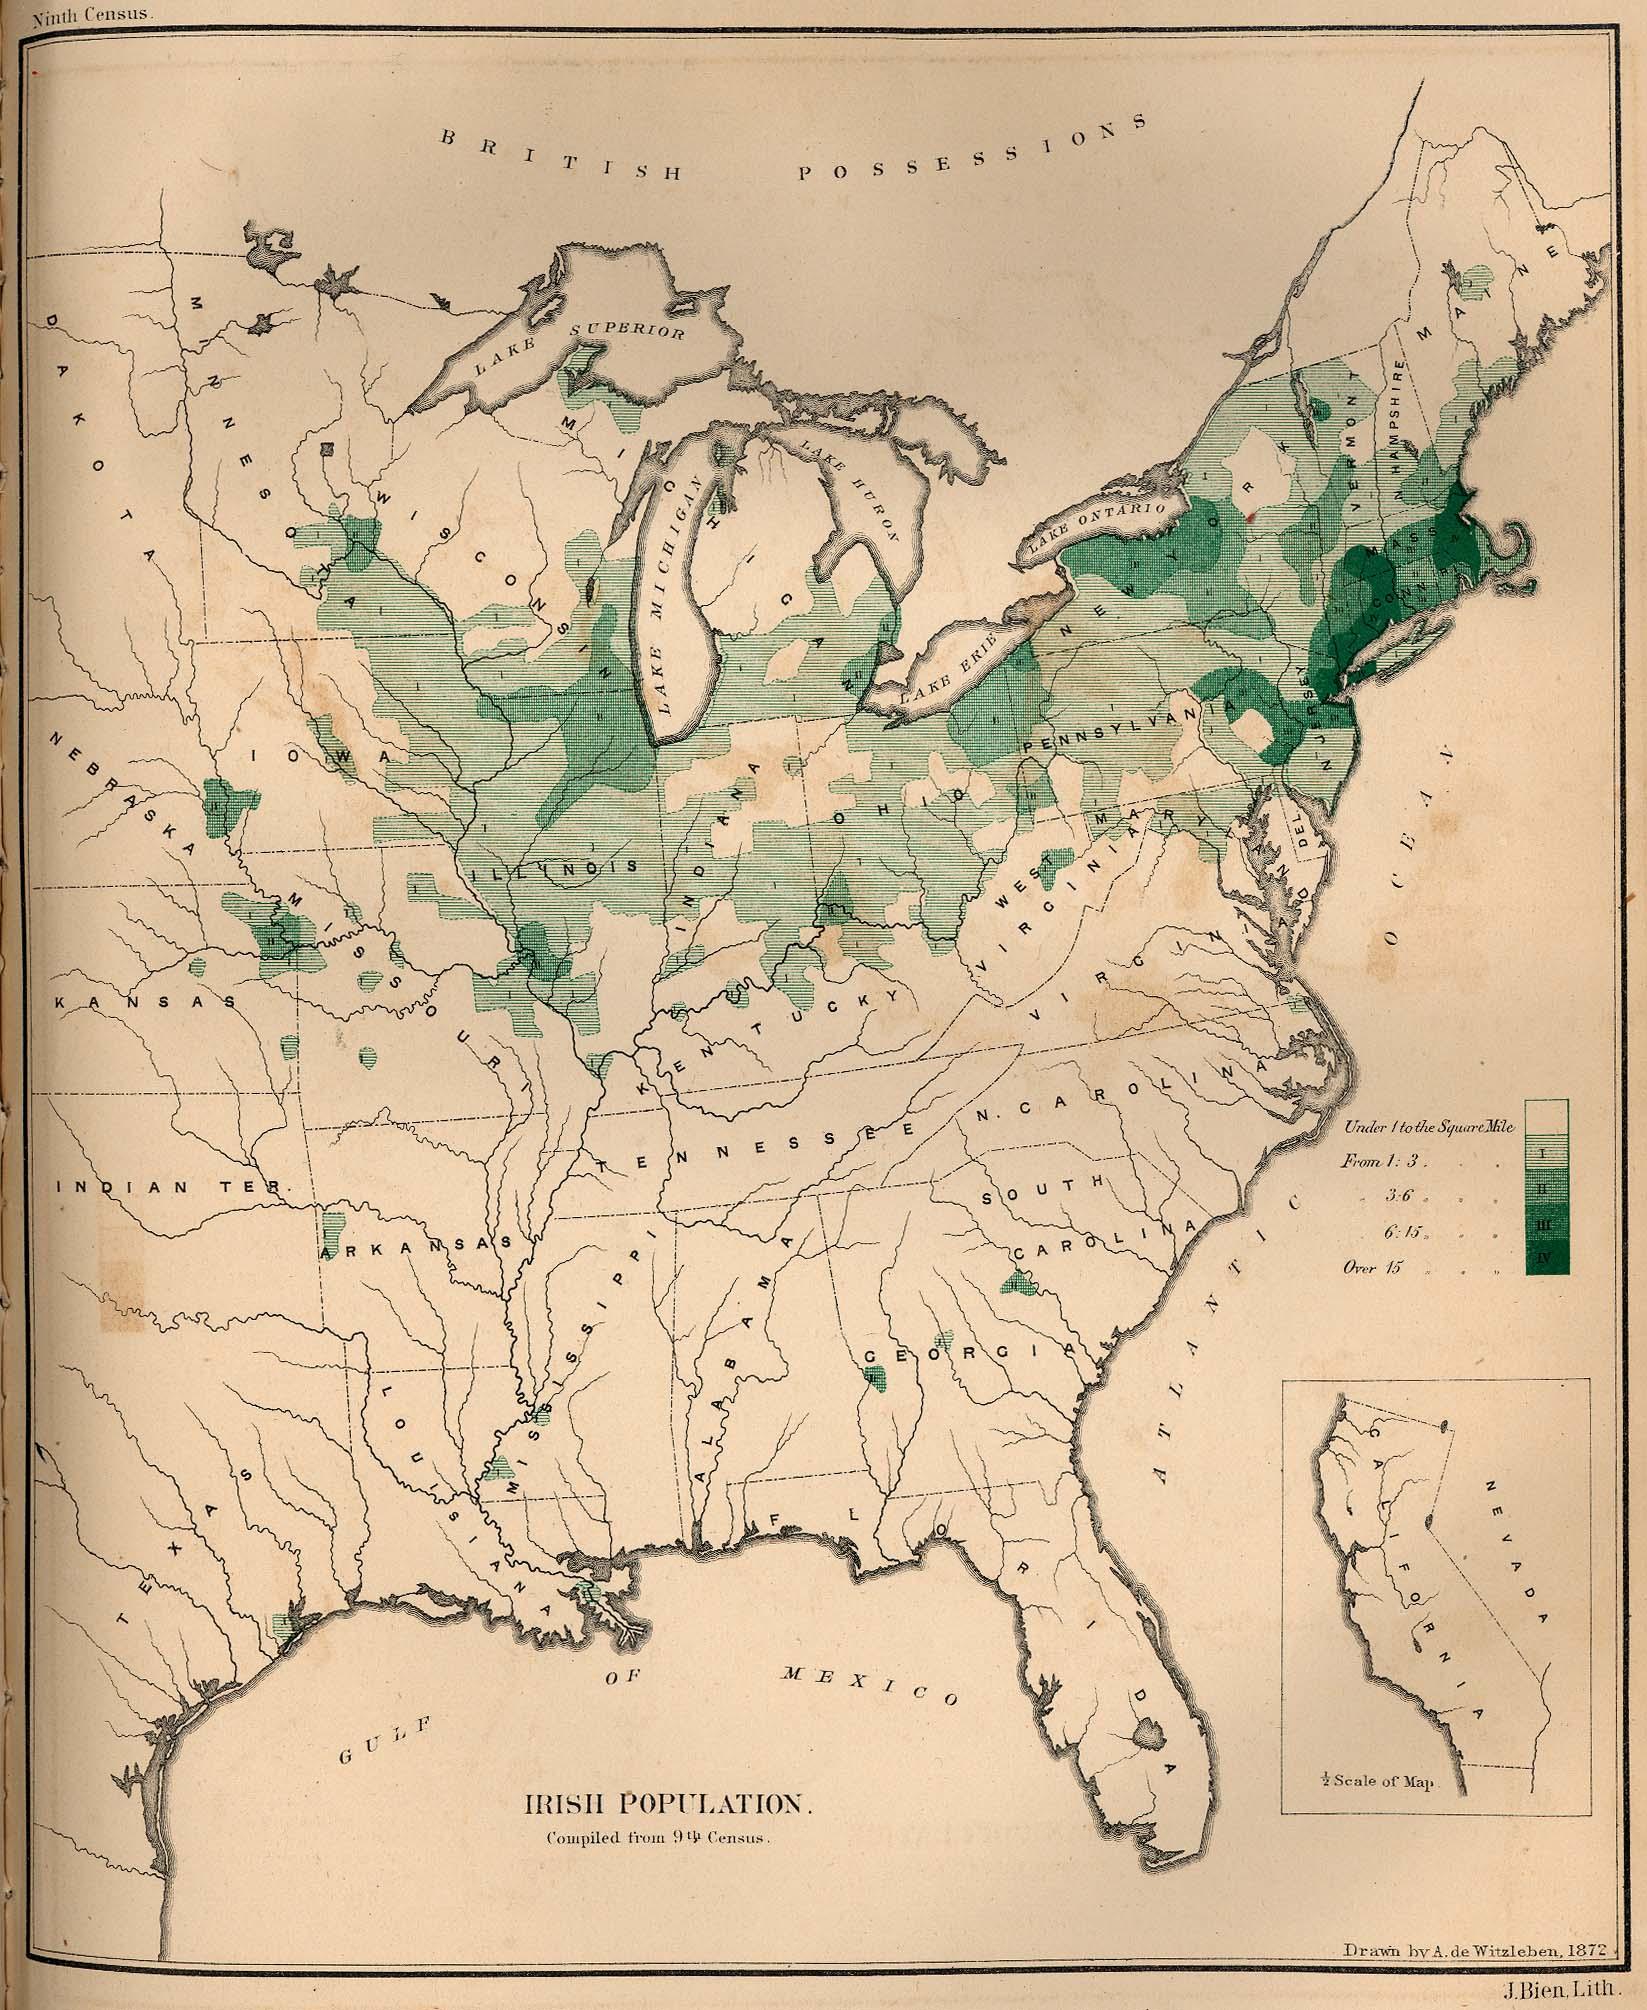 Mapa de la Población Irlandesa en los Estados Unidos 1872